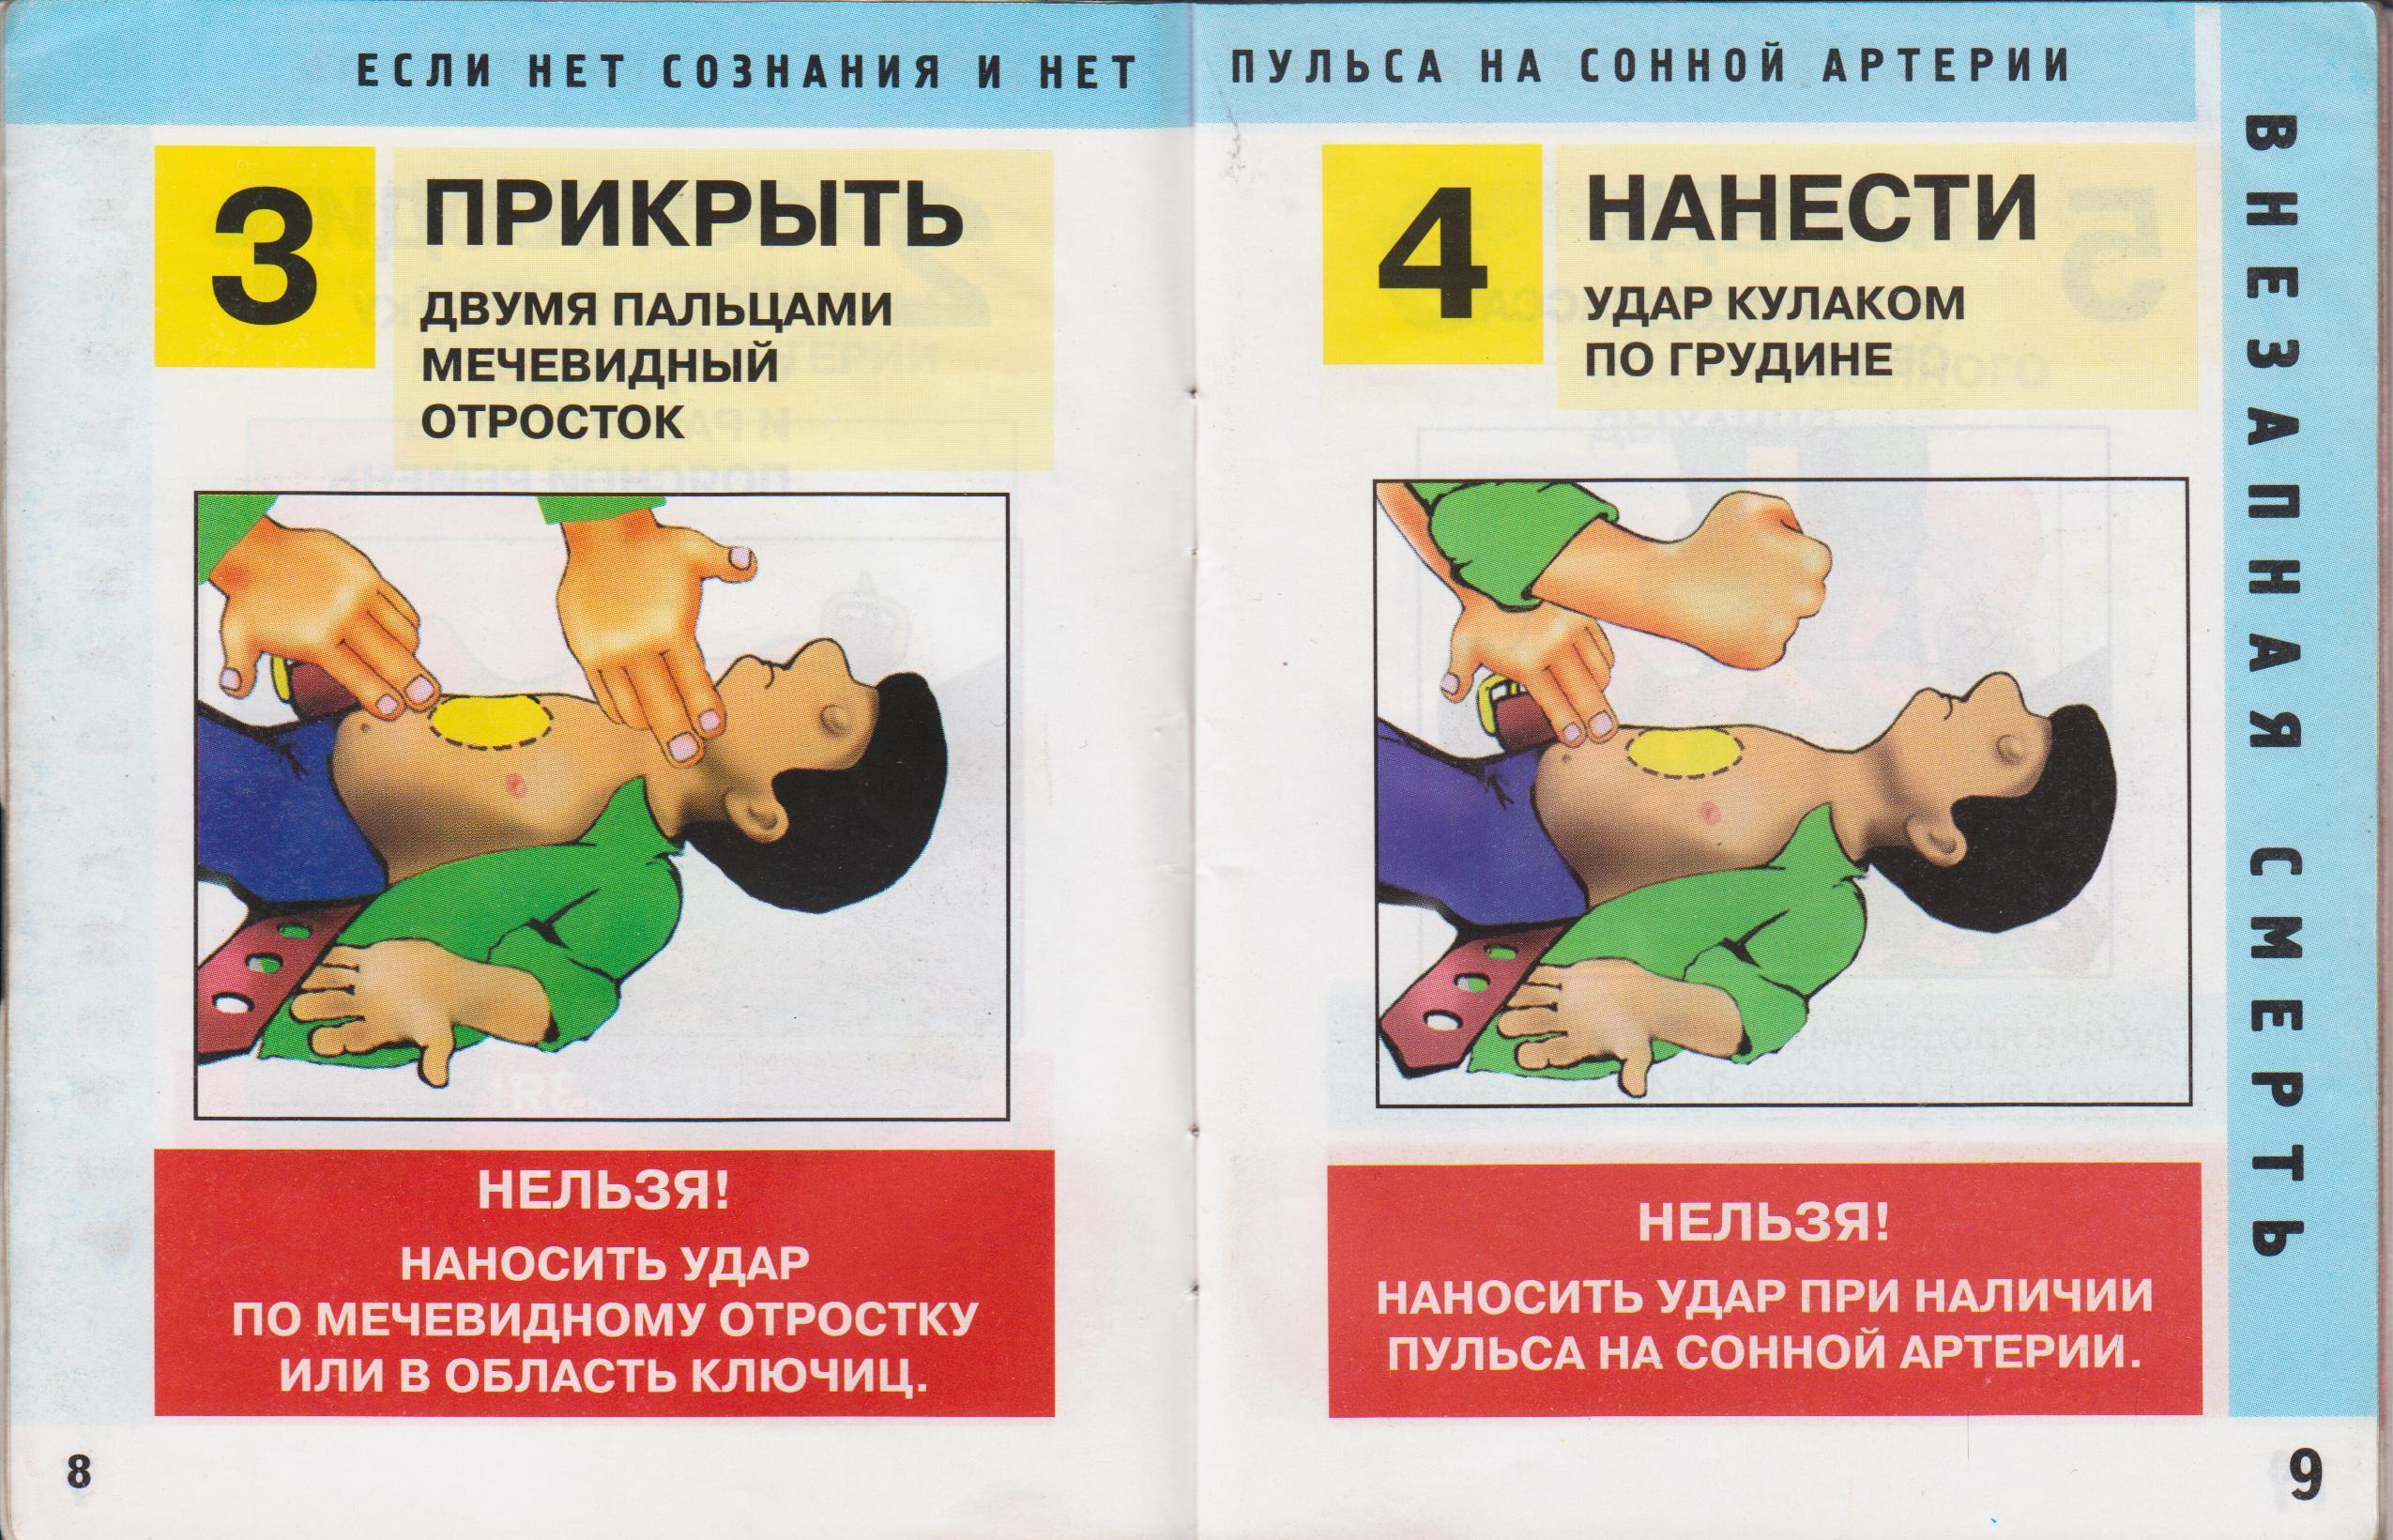 Инструкция по оказанию первой помощи пострадавшему от электрического тока